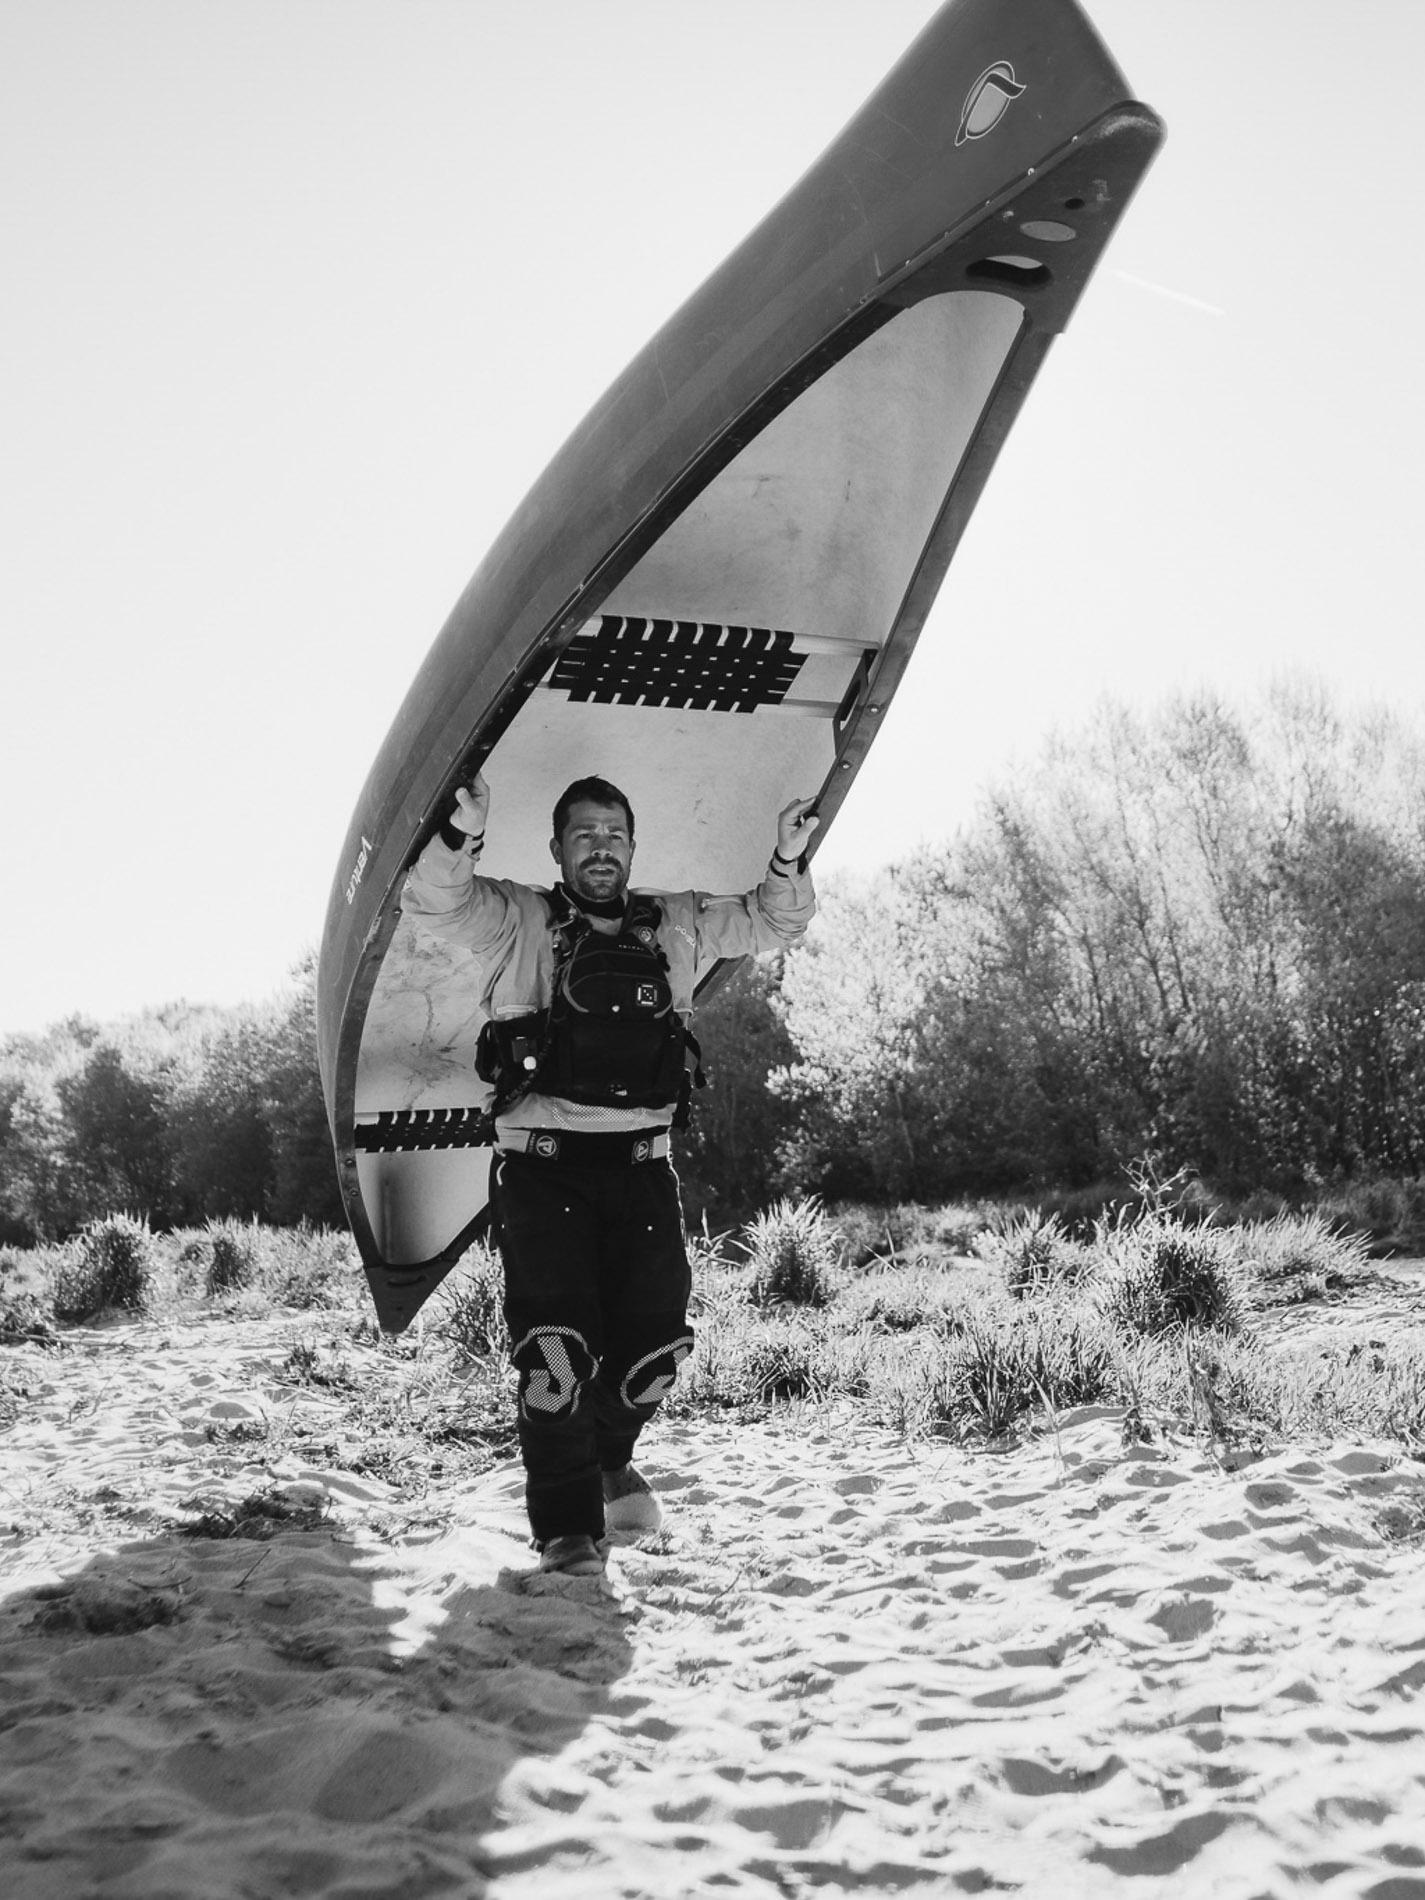 Outside on the rivers ≈ Ecole de canoë - La rivière est notre terrain de jeu et nos canoës notre moyen de déplacement. Nous aimons errer en pleine nature et partager notre passion pour l'aventure, le grand air et les nuits en bivouac.Nos véhiculons nos valeurs et notre engagement pour le développement du canoë camping en France.Quels que soient votre profil et vos attentes, l'école de canoë Outside on the rivers de Destination H2o est une garantie de satisfaction dans les meilleures conditions.